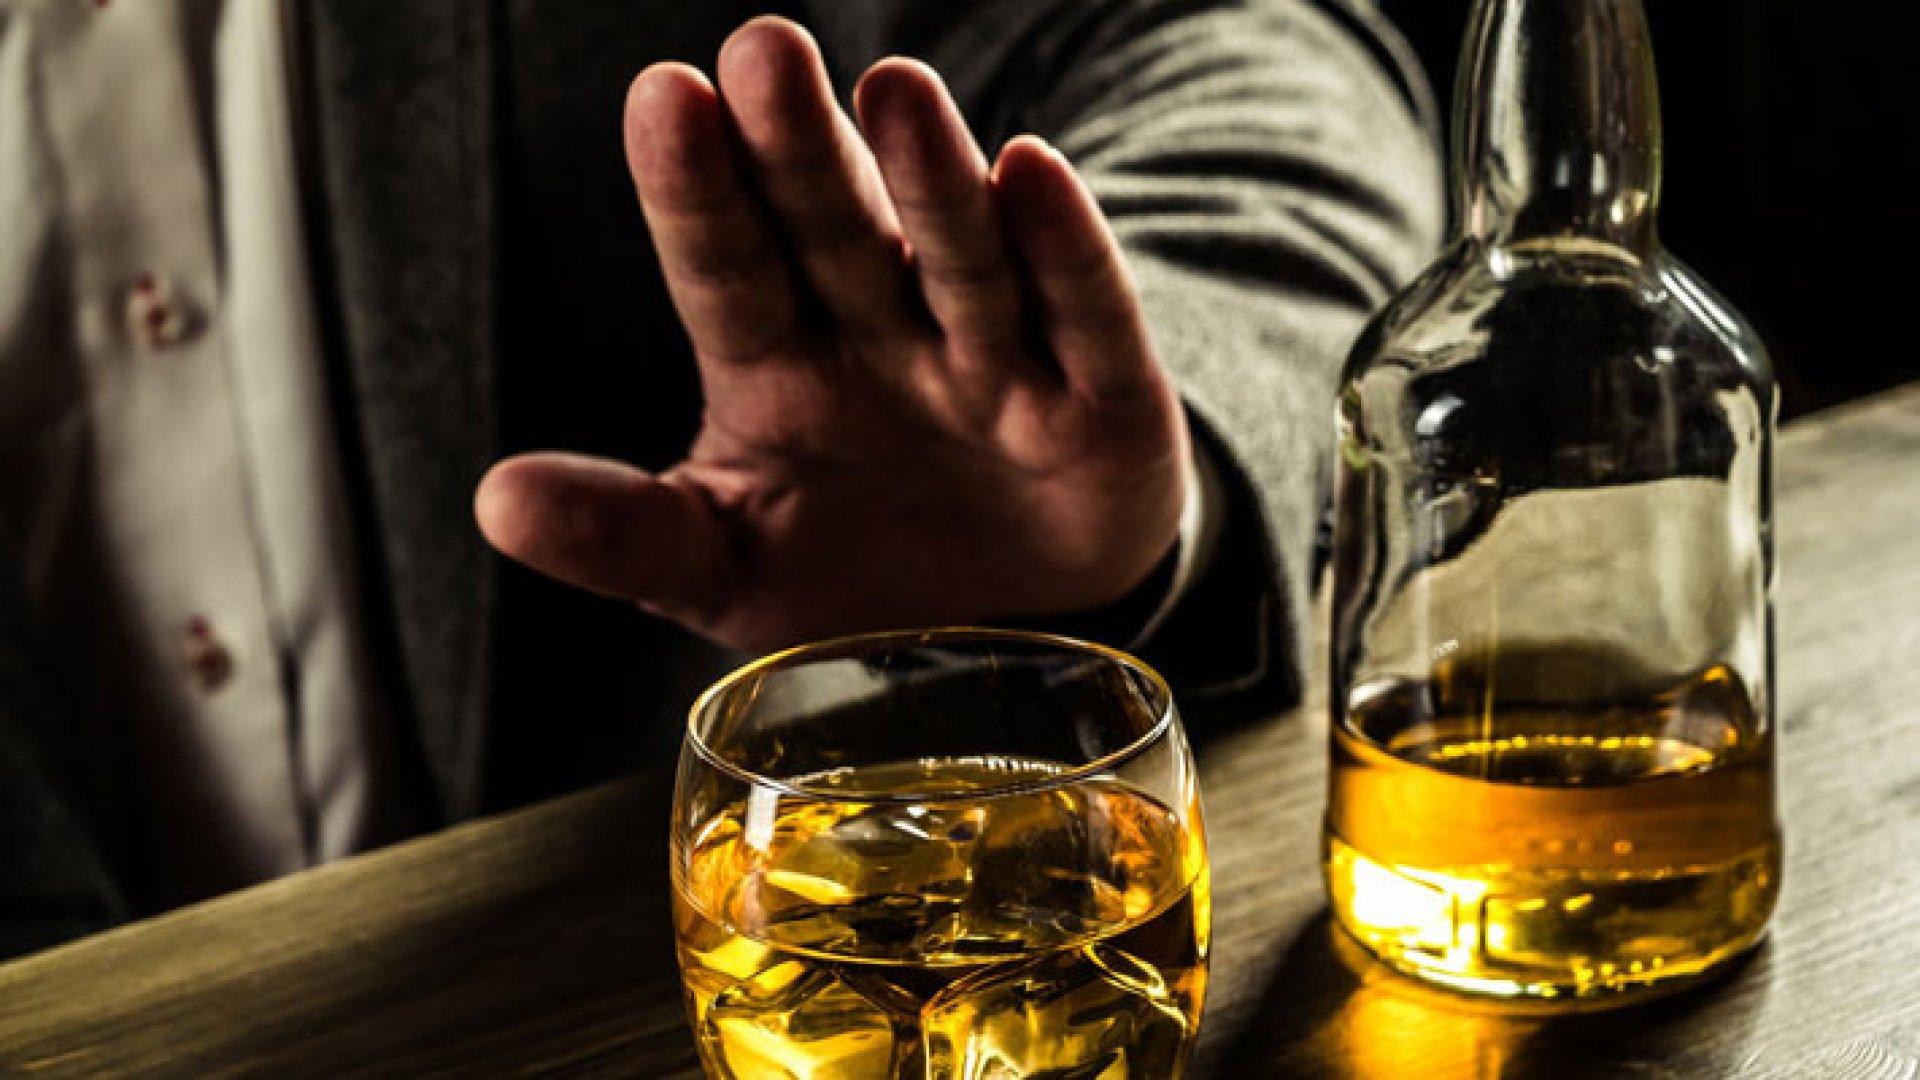 Флуконазол и алкоголь: совместимость, можно ли пить спиртное при приеме противогрибкового препарата